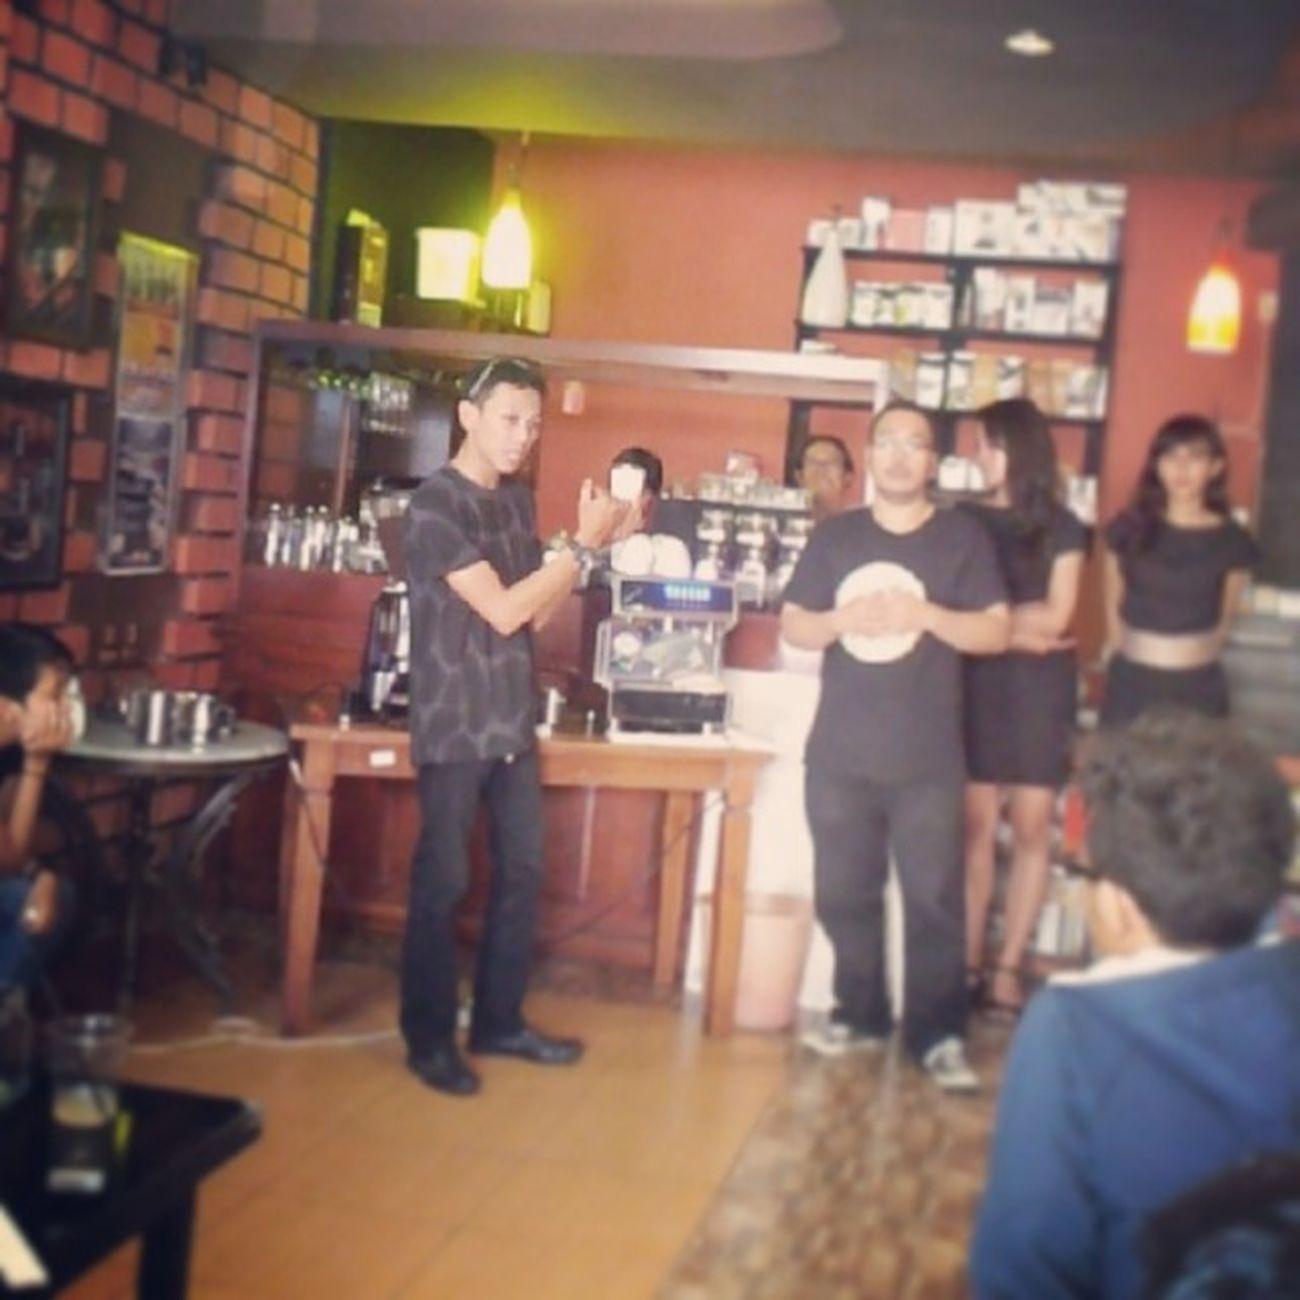 Bangga bisa sharing profesi Barista di acara Kopi Kelas at @kopiitem_coffee Regenerasi Profesi Barista Istimewa jogja